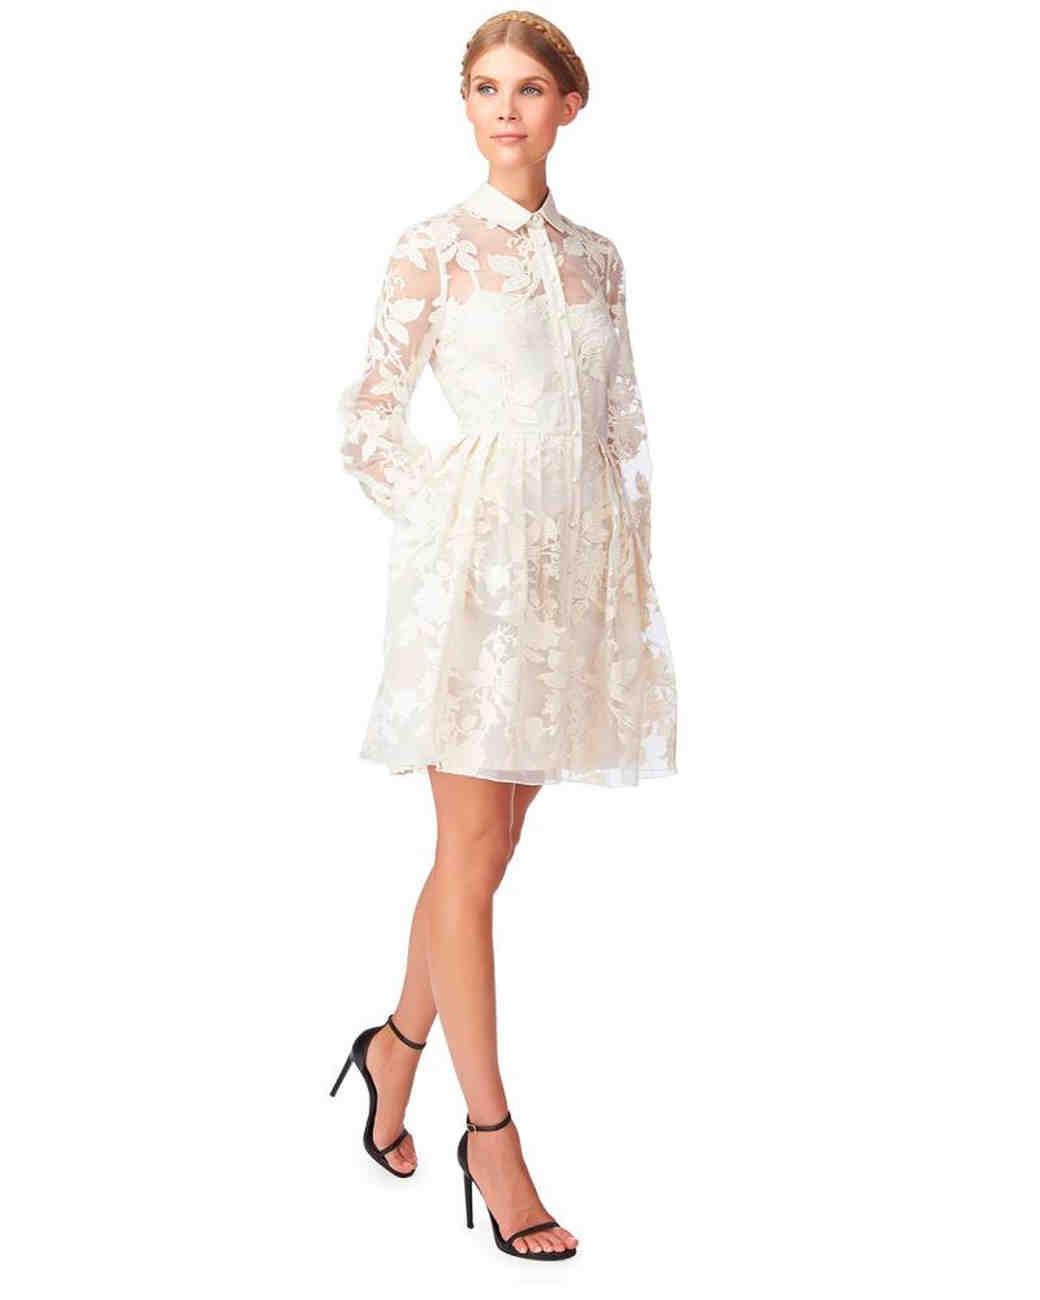 little-white-dress-erin-jane-495-1115.jpg